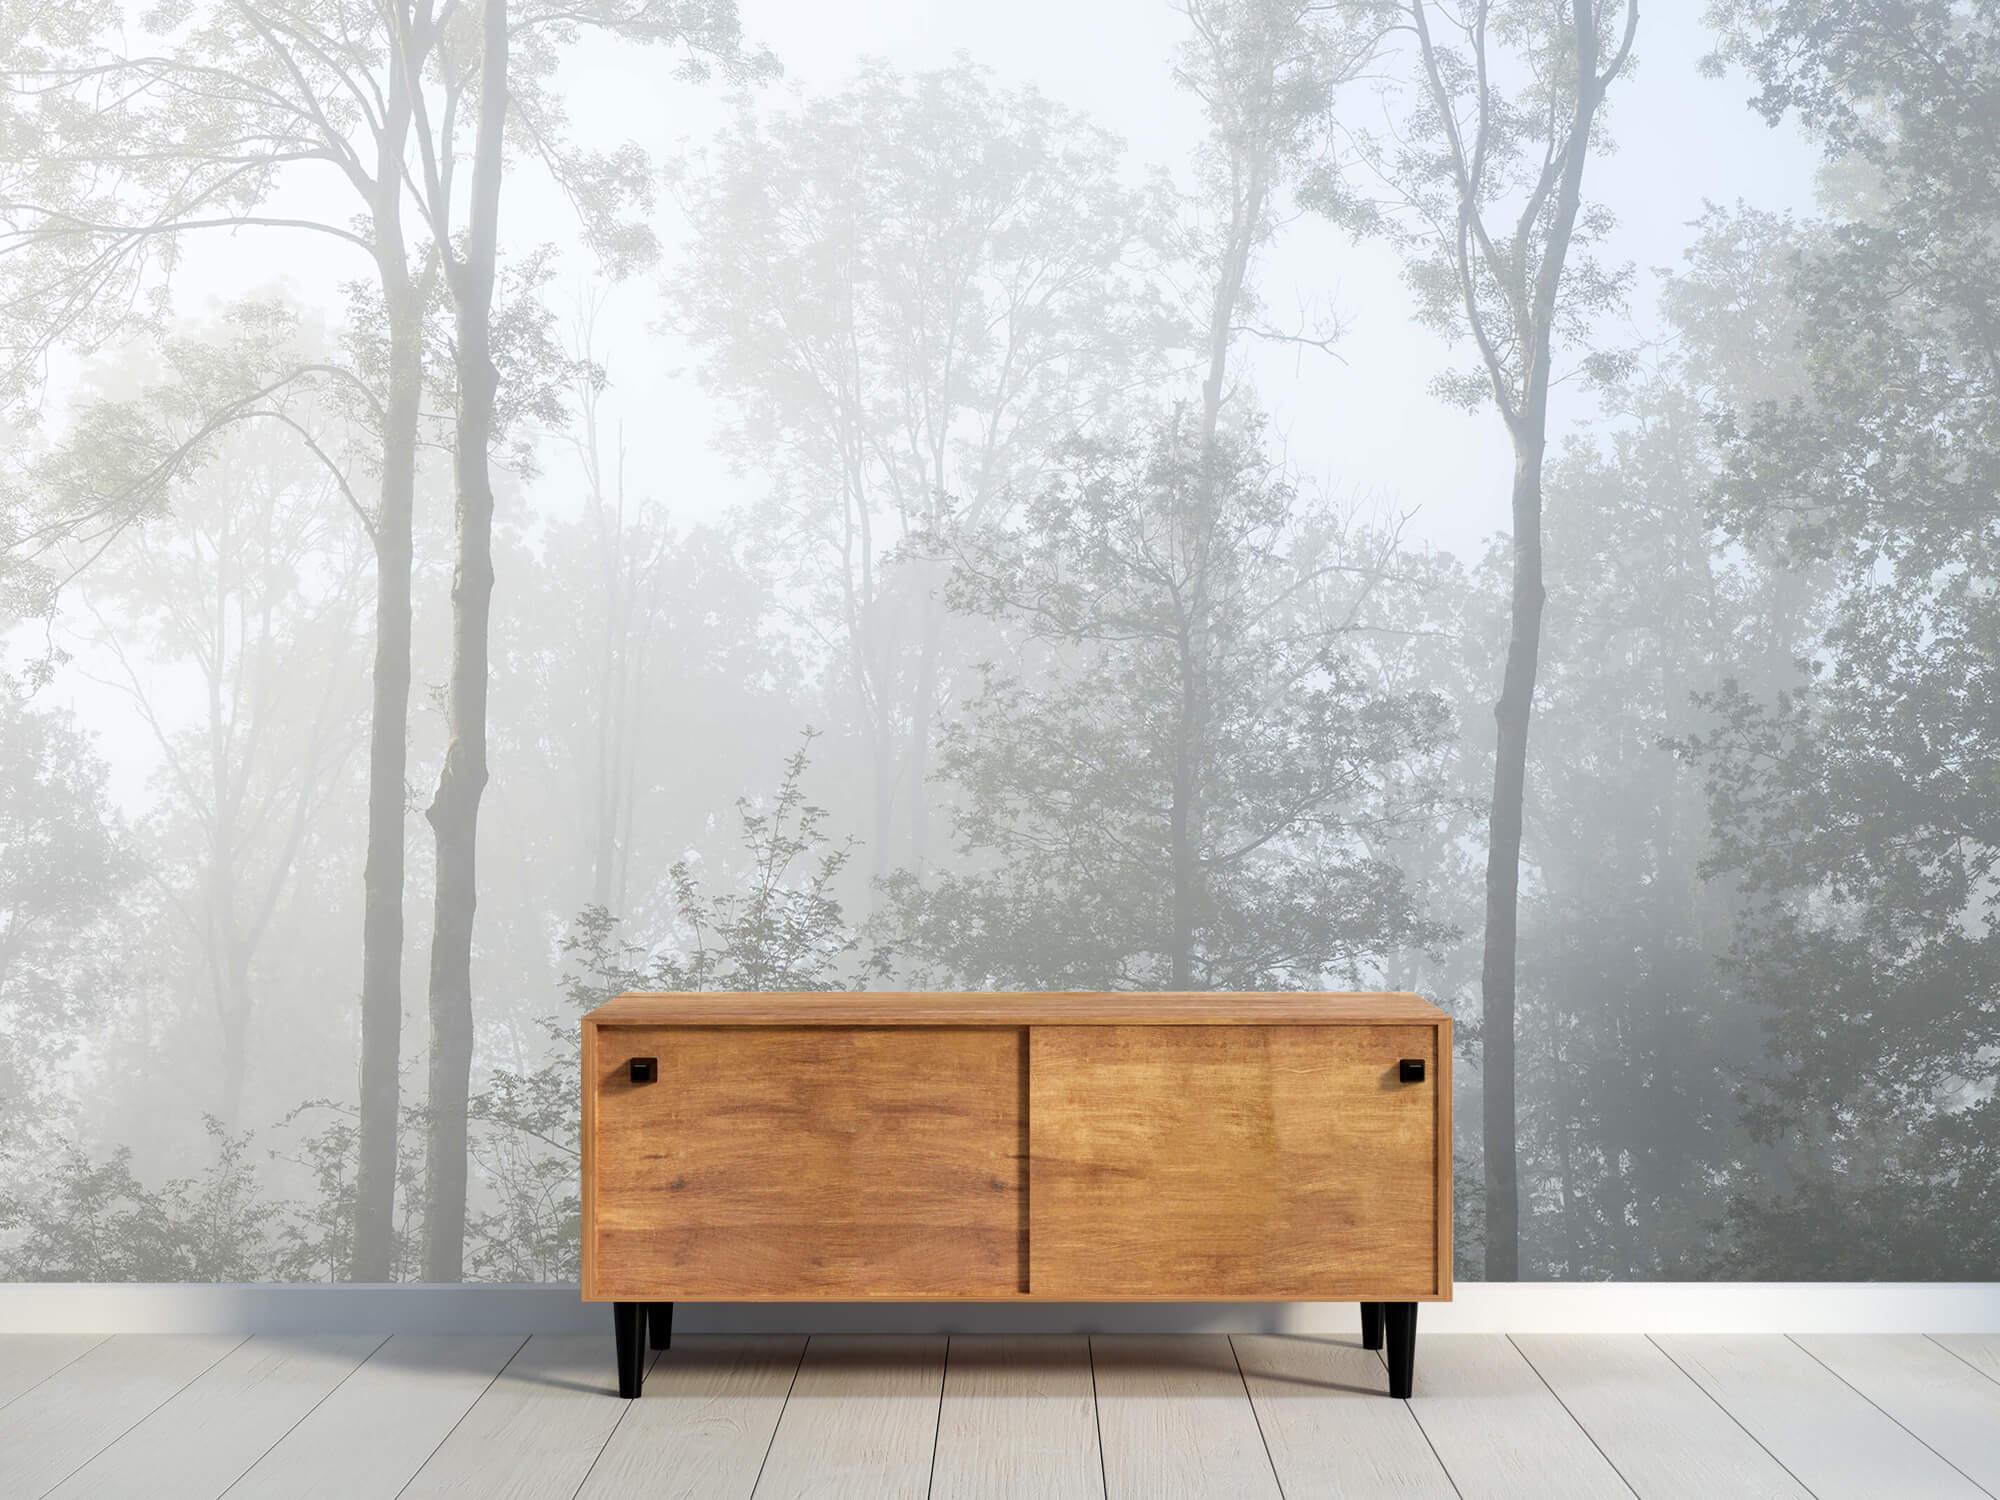 Bos behang Dichte mist in het bos 10